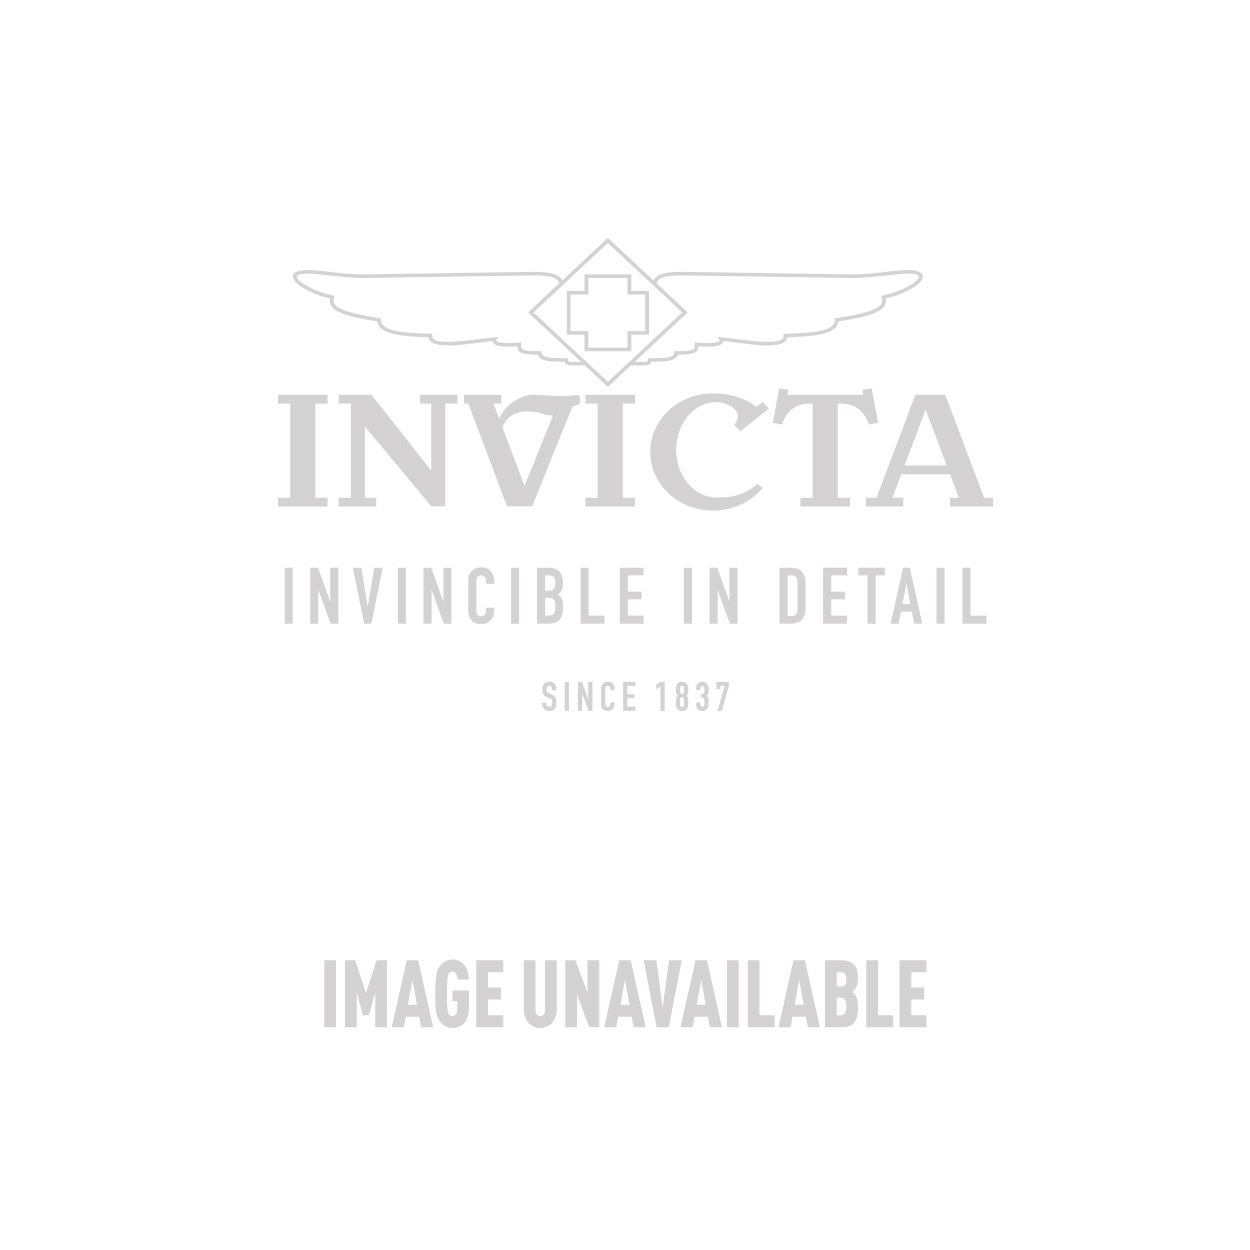 Invicta 7389